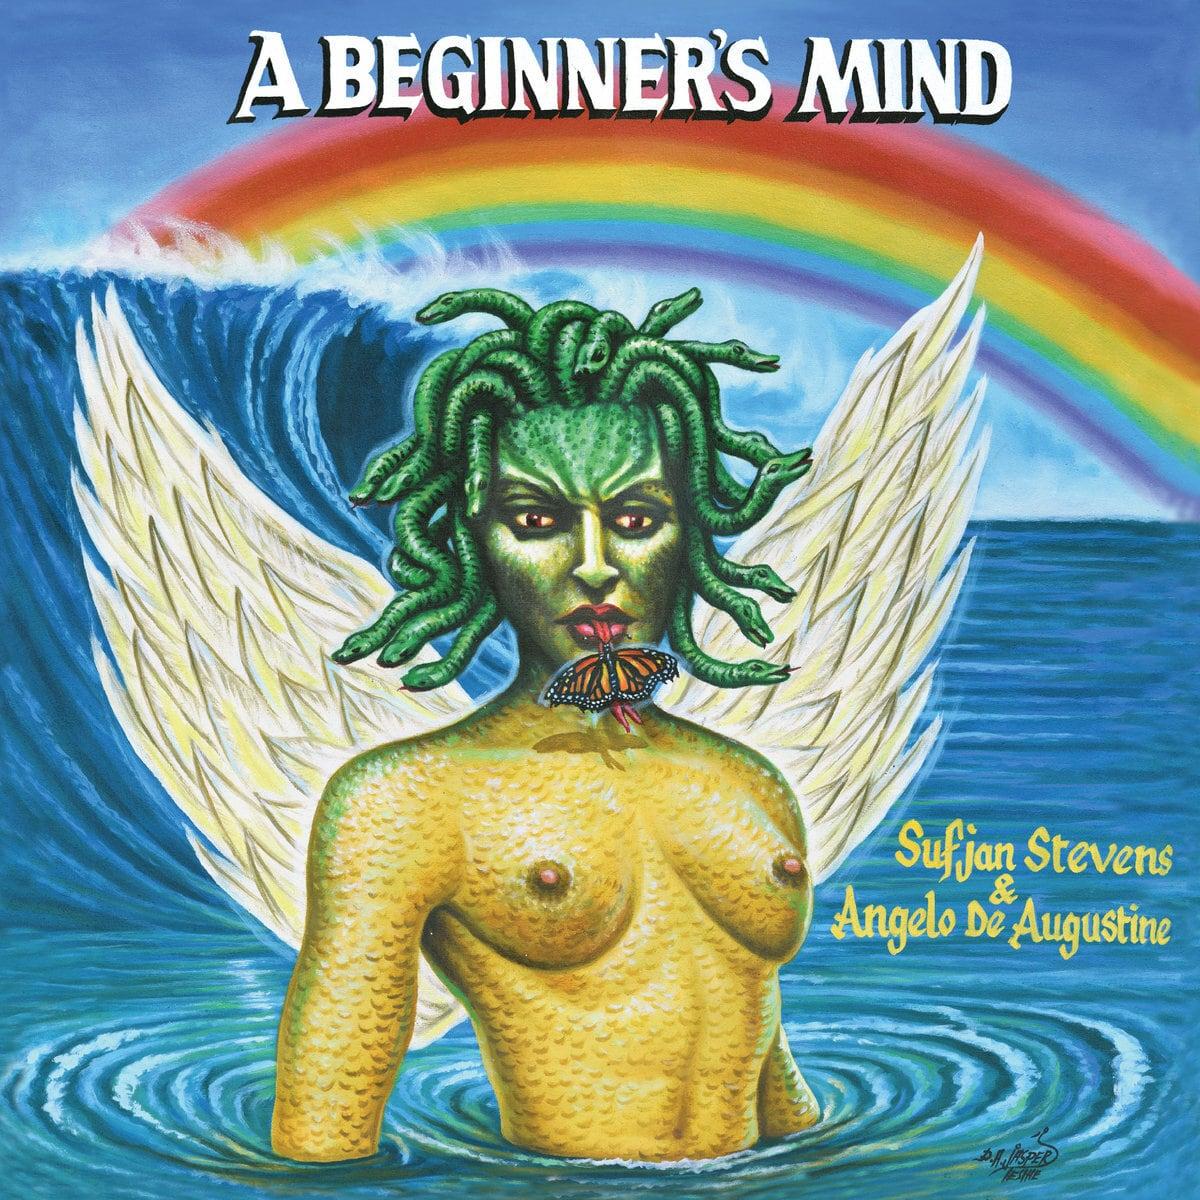 Sufjan Stevens & Angelo De Augustine / A Beginner's Mind(Cassette)